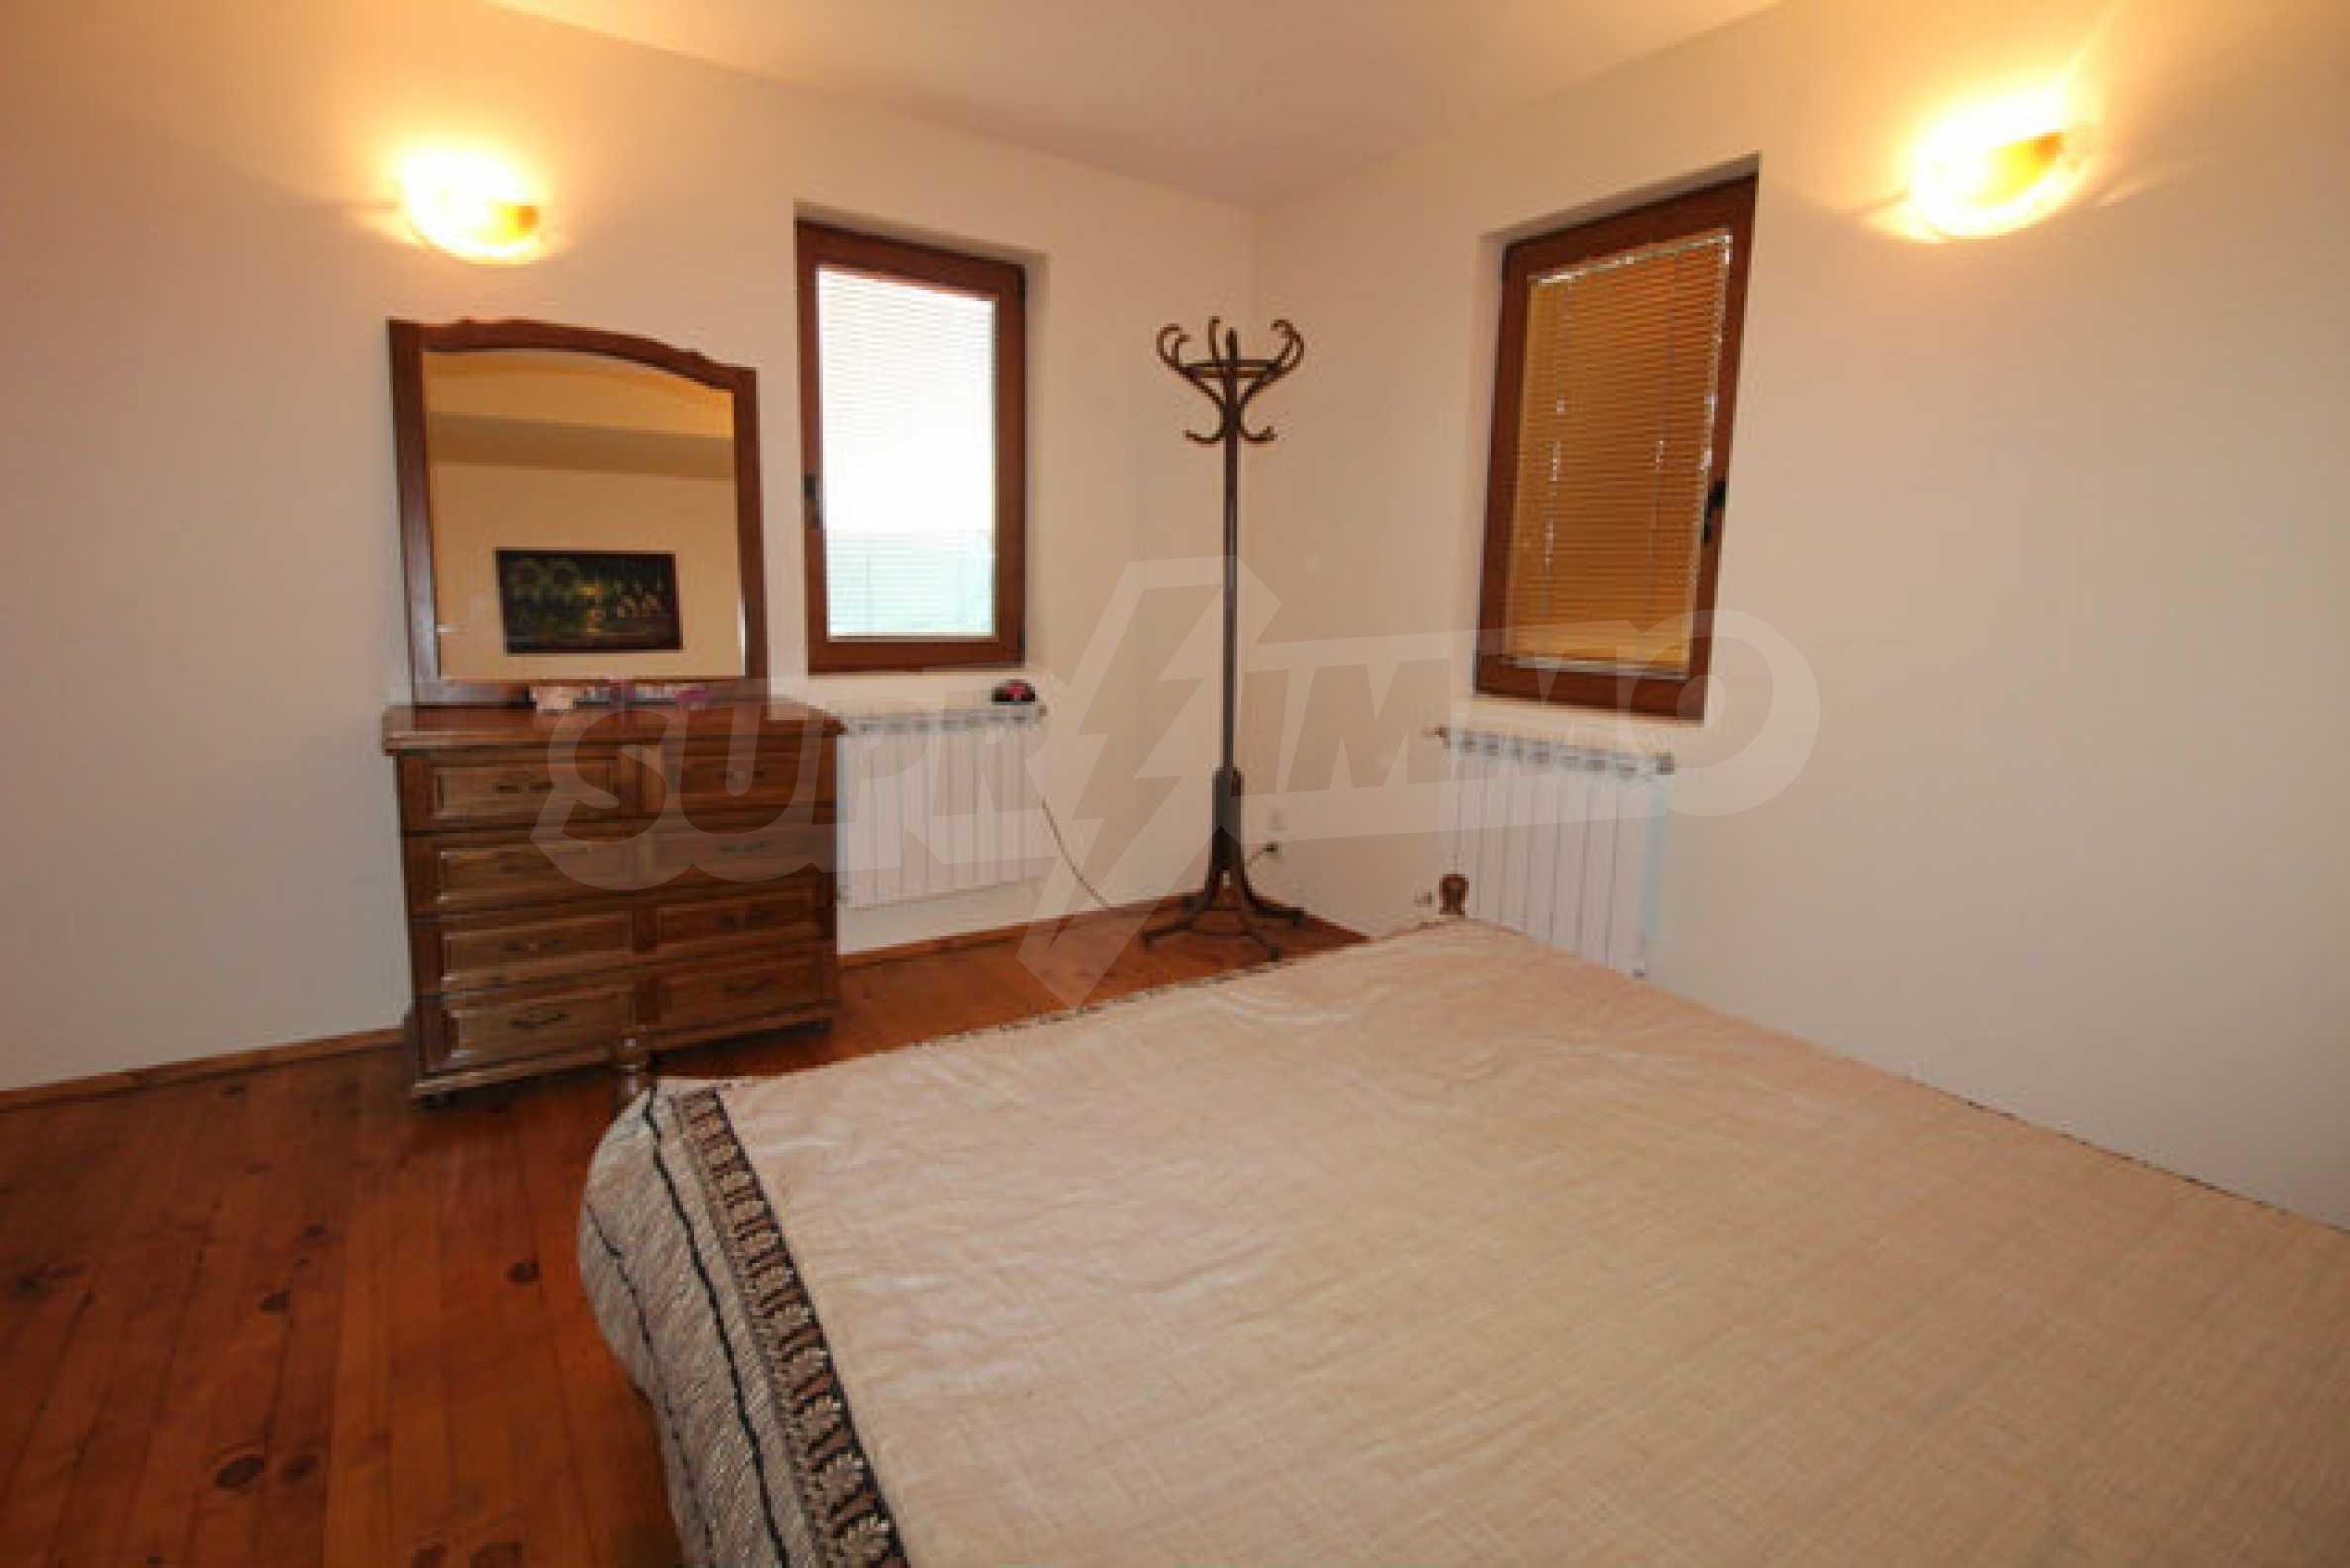 Реновирана двуетажна къща с двор само на 13 км от град Ловеч 22